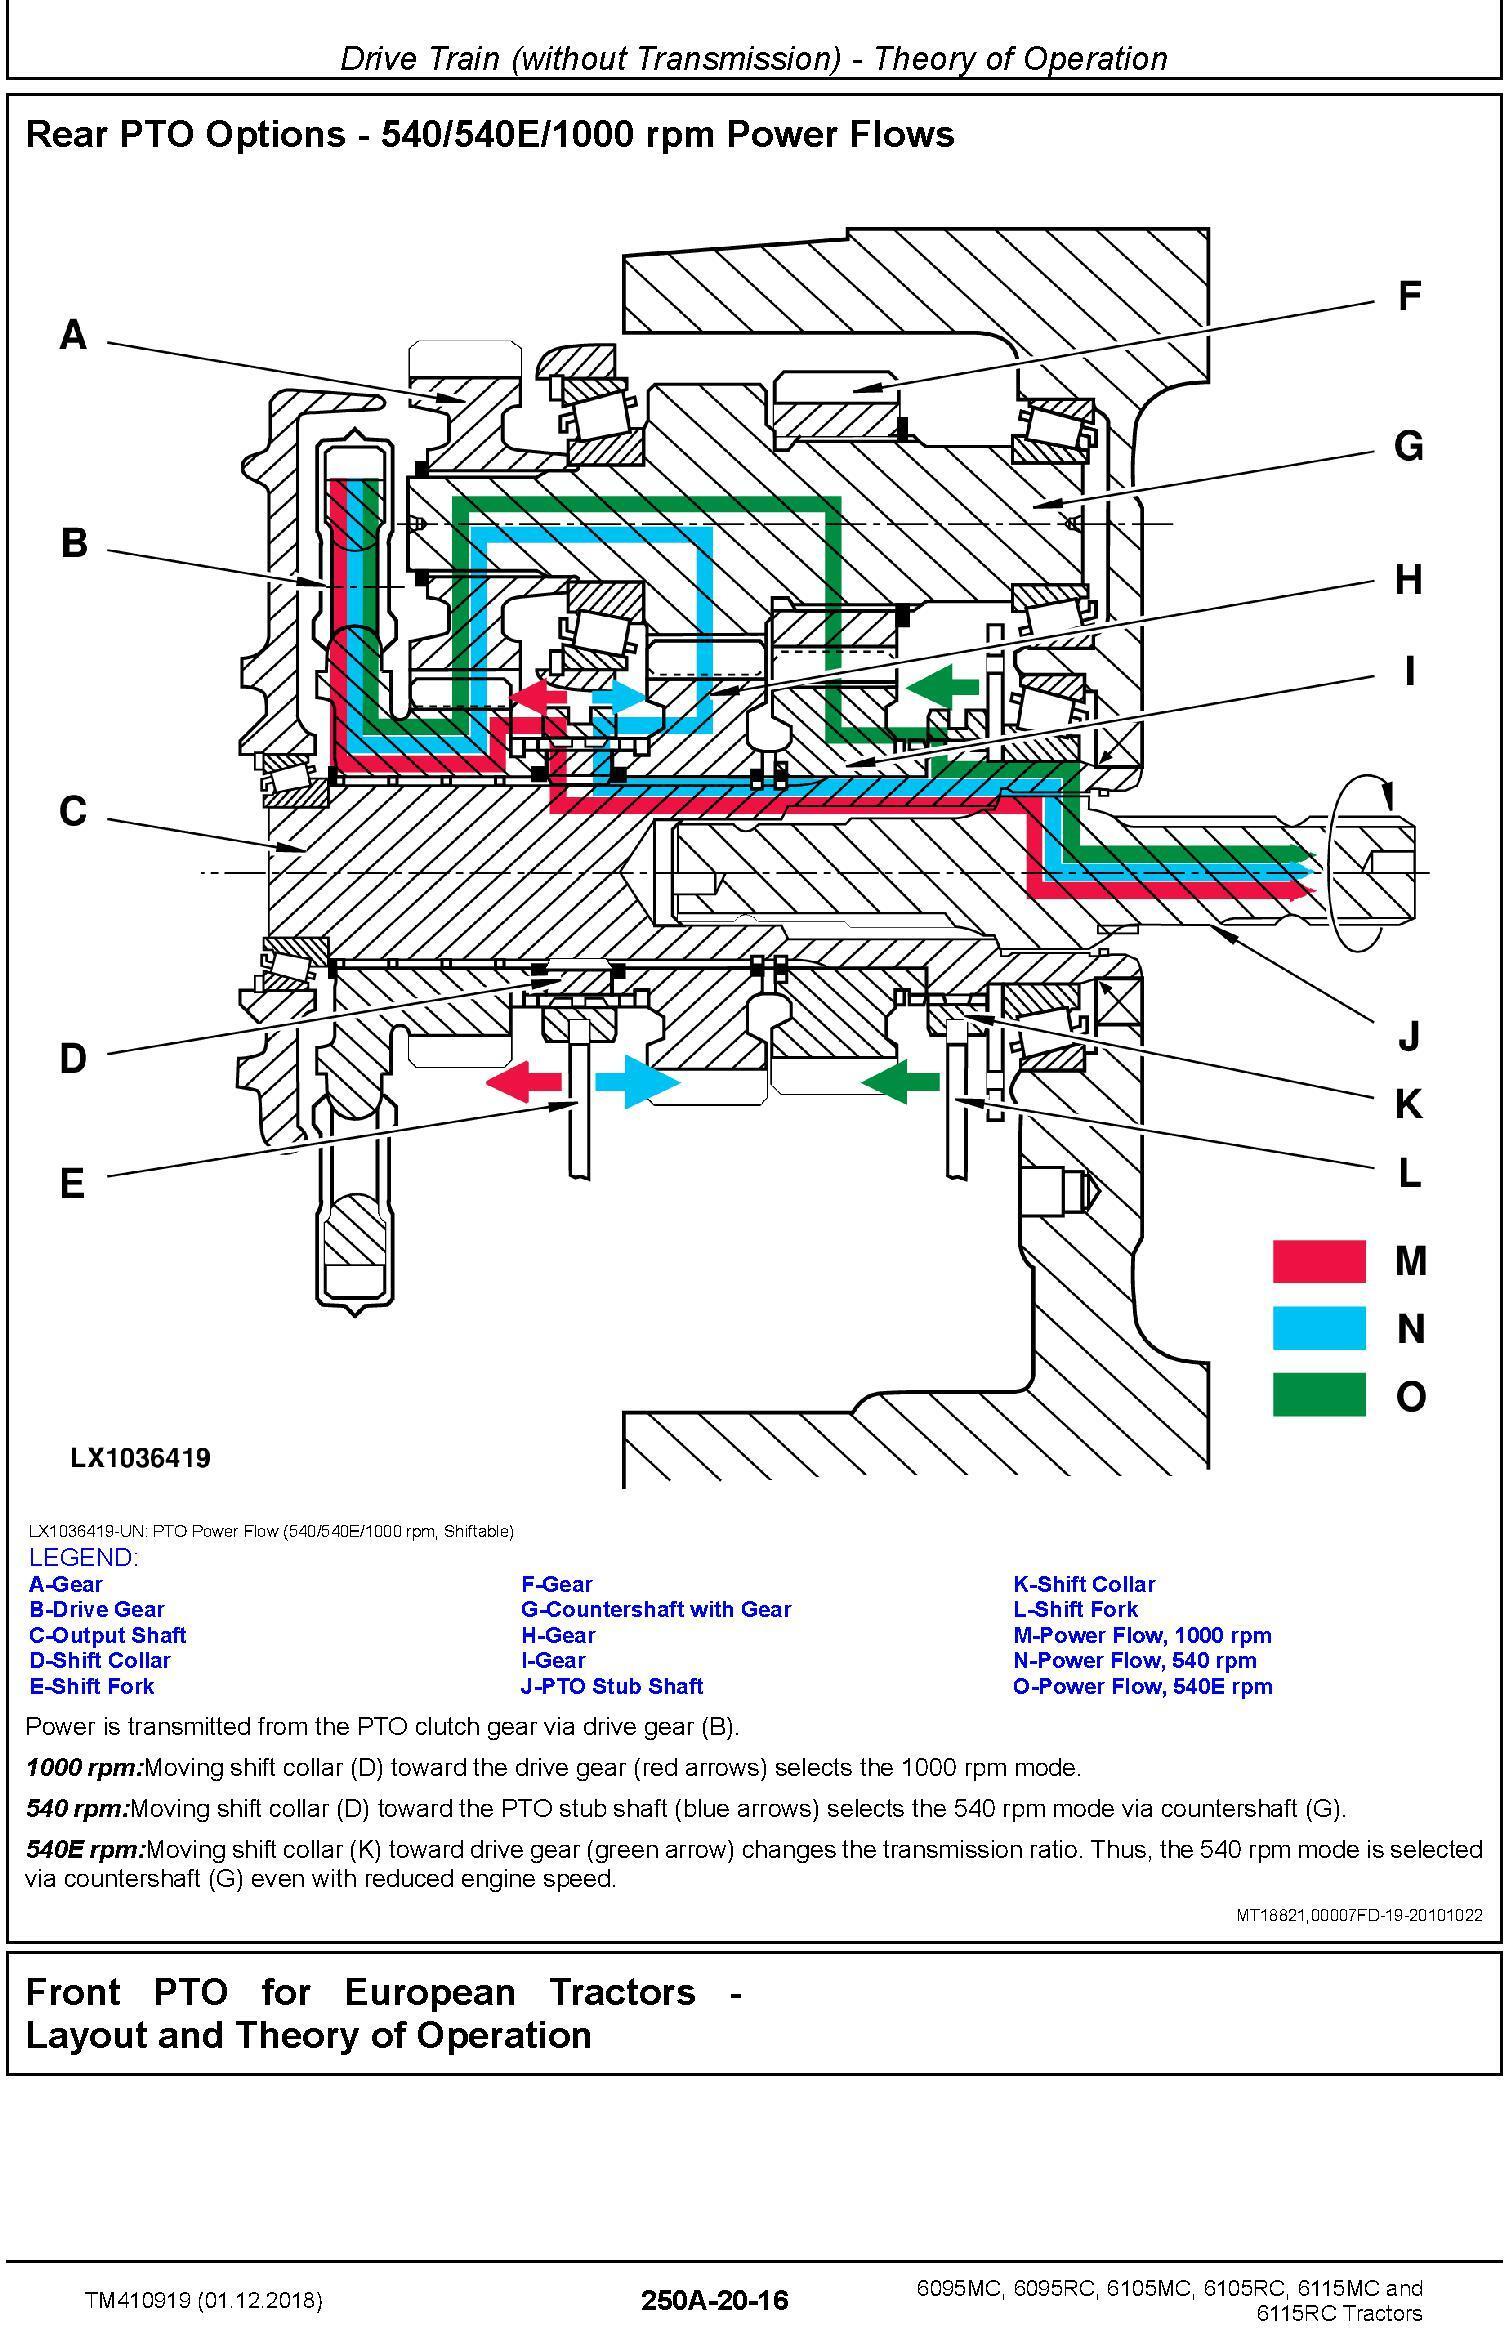 John Deere 6095MC 6095RC 6105MC 6105RC 6115MC 6115RC Tractors Diagnostic Technical Manual (TM410919) - 3